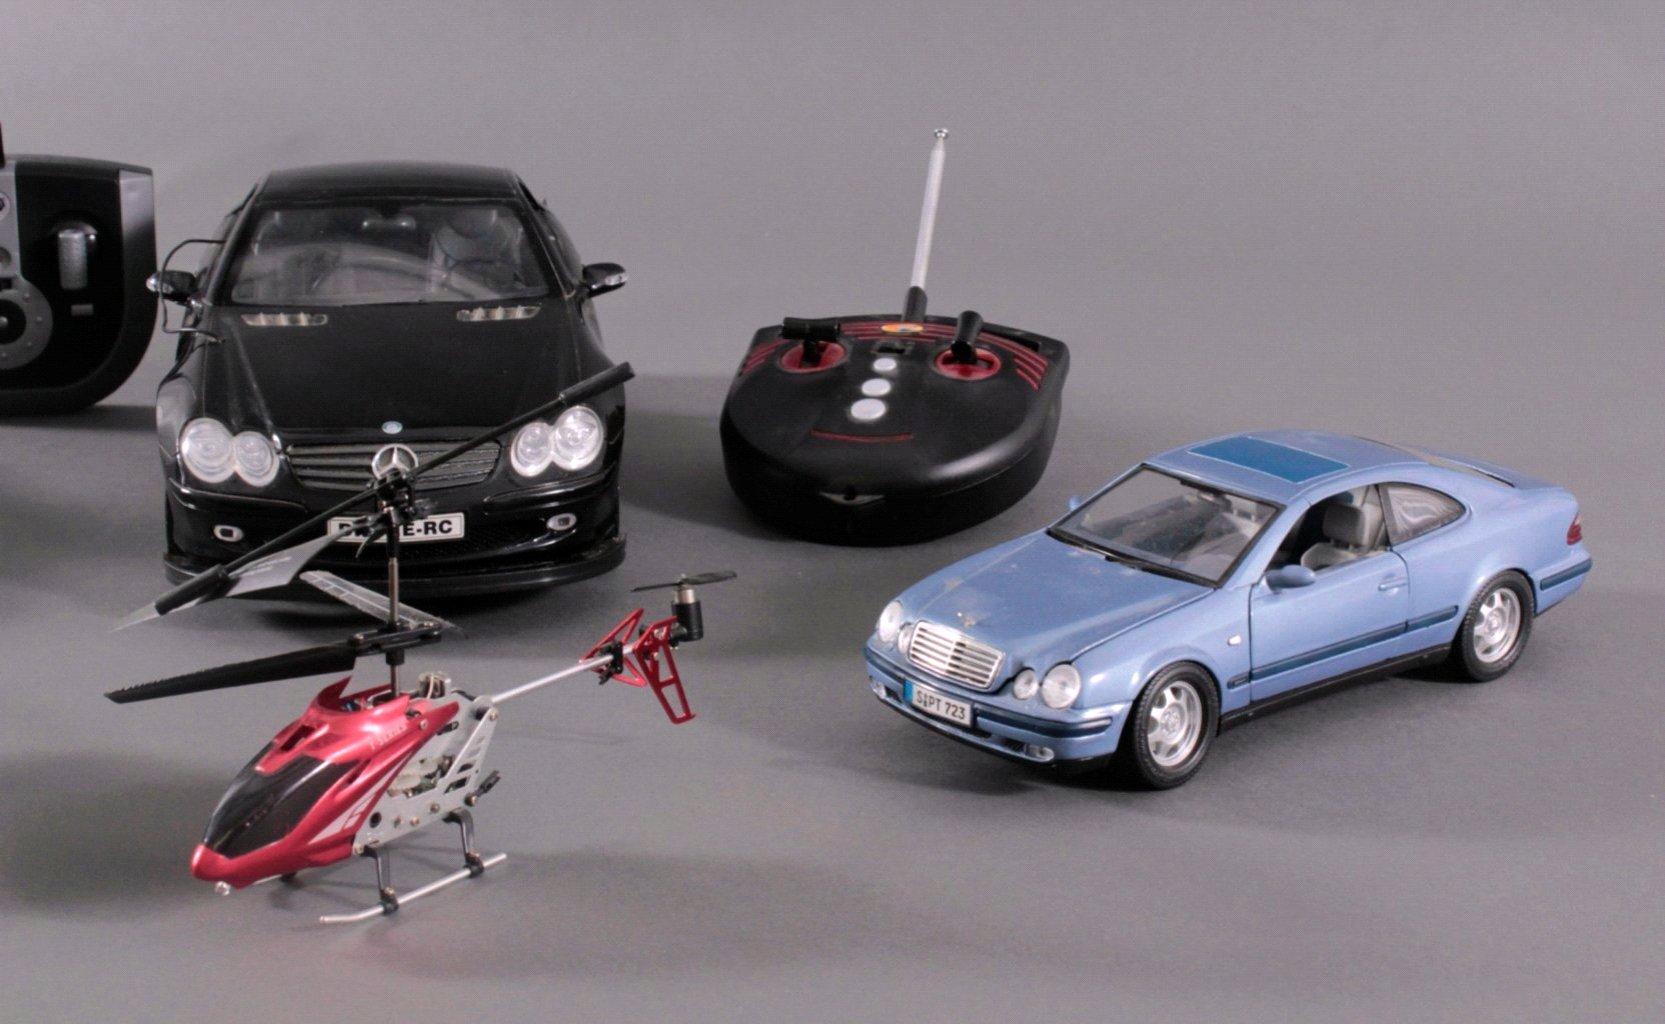 Modell-Sportwagen und Helikopter-2